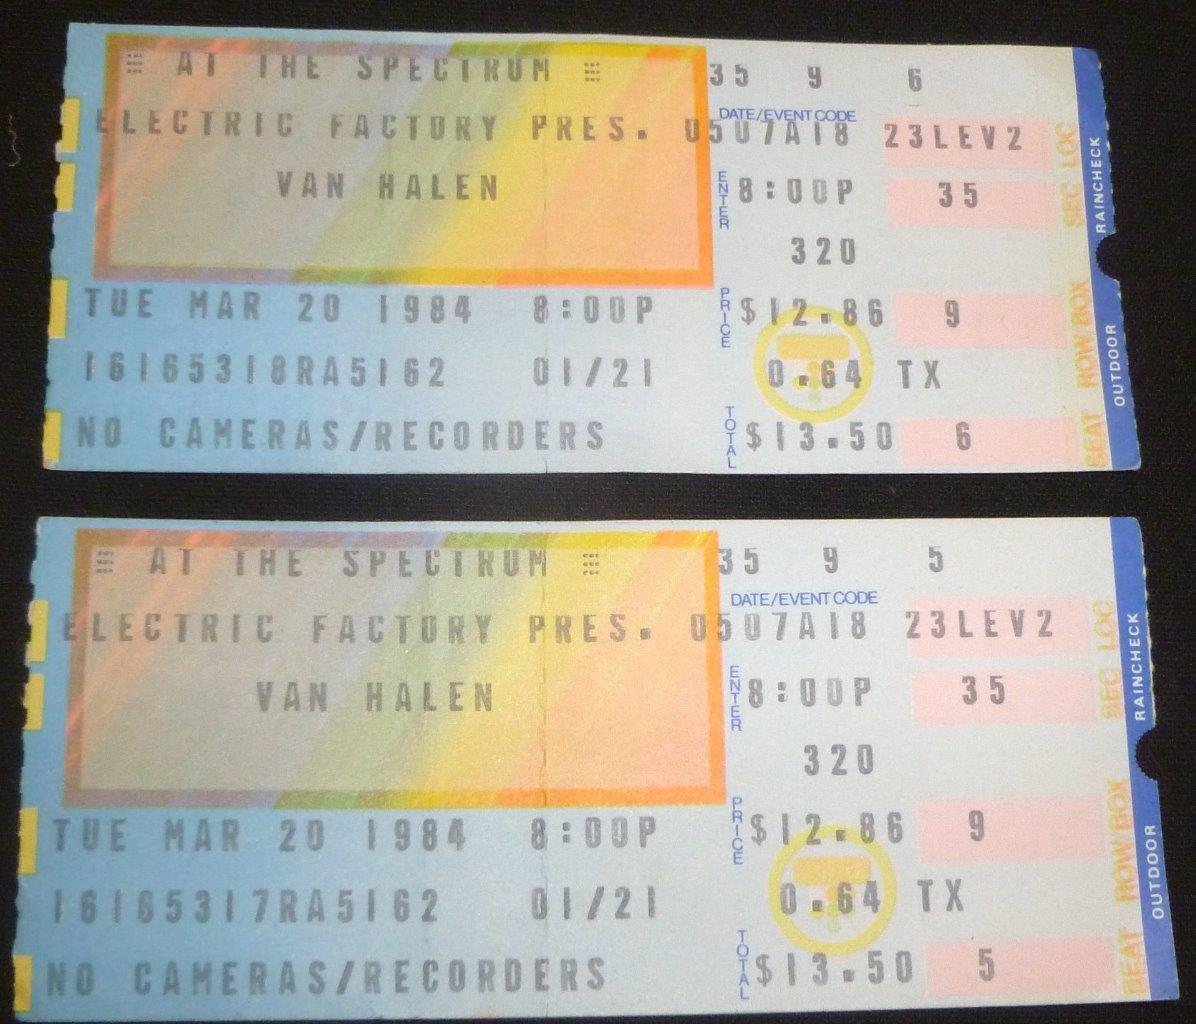 3/20/1984 Van Halen ticket - Philadelphia Spectrum